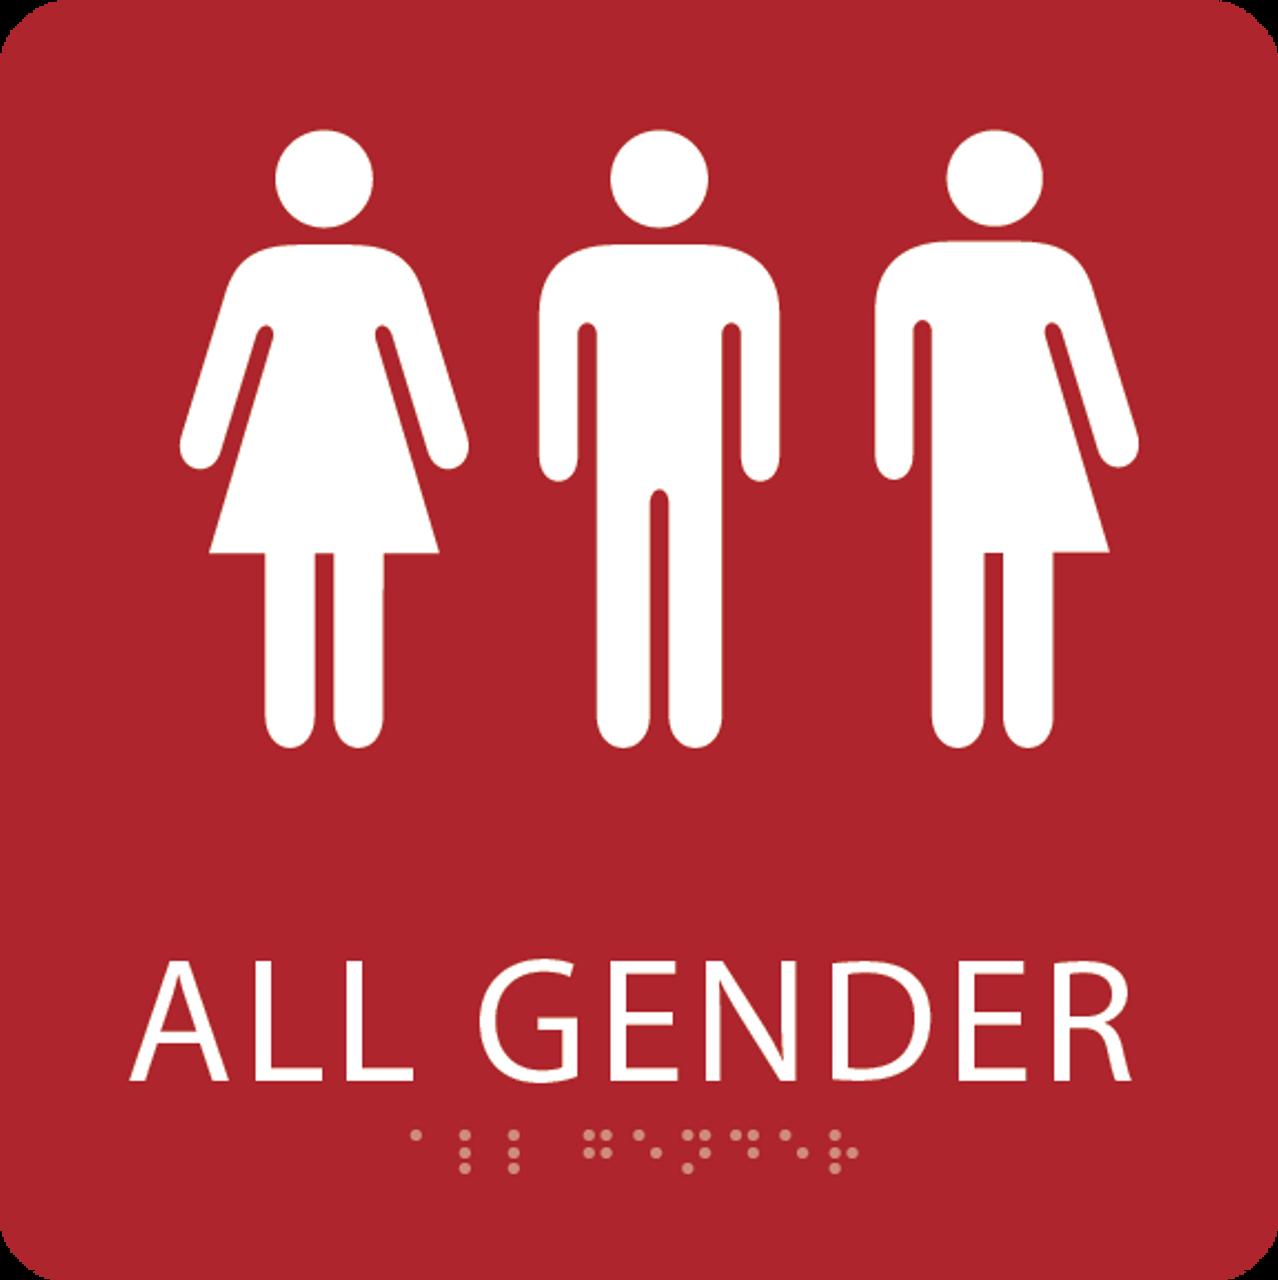 Red All Gender Restroom Sign